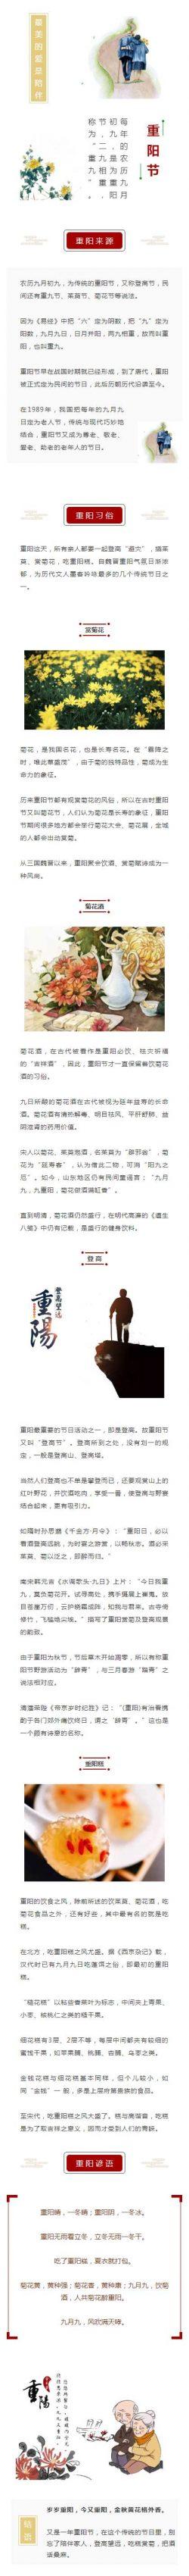 微信农历九月初九为传统的重阳节又称登高节,民间还有重九节、茱萸节、菊花节